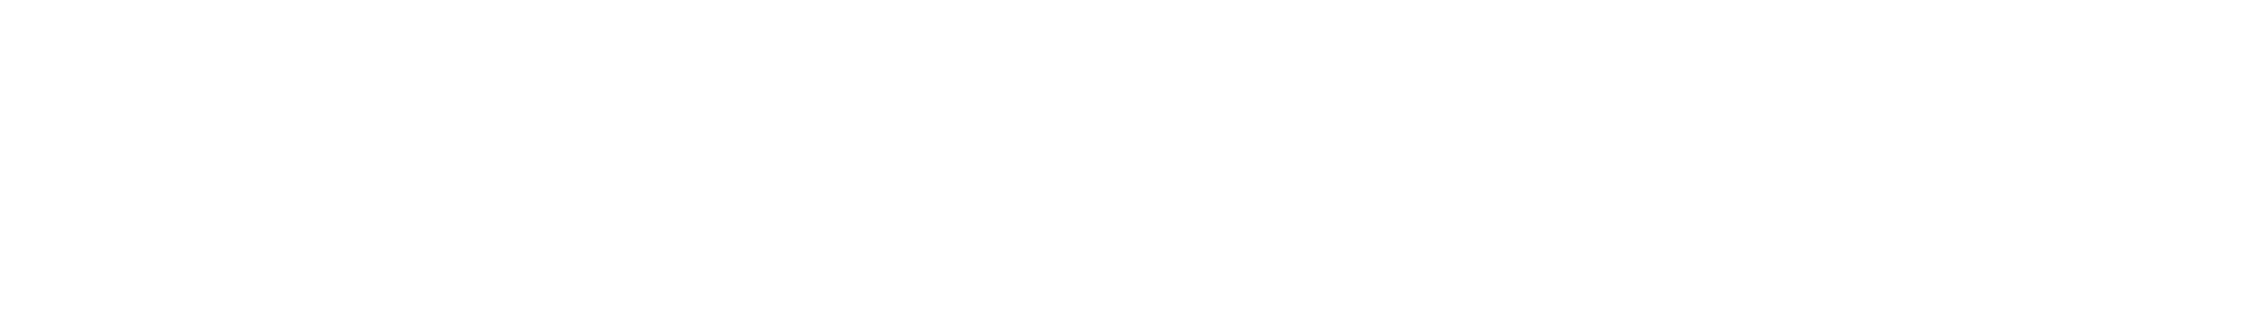 SCC logo image